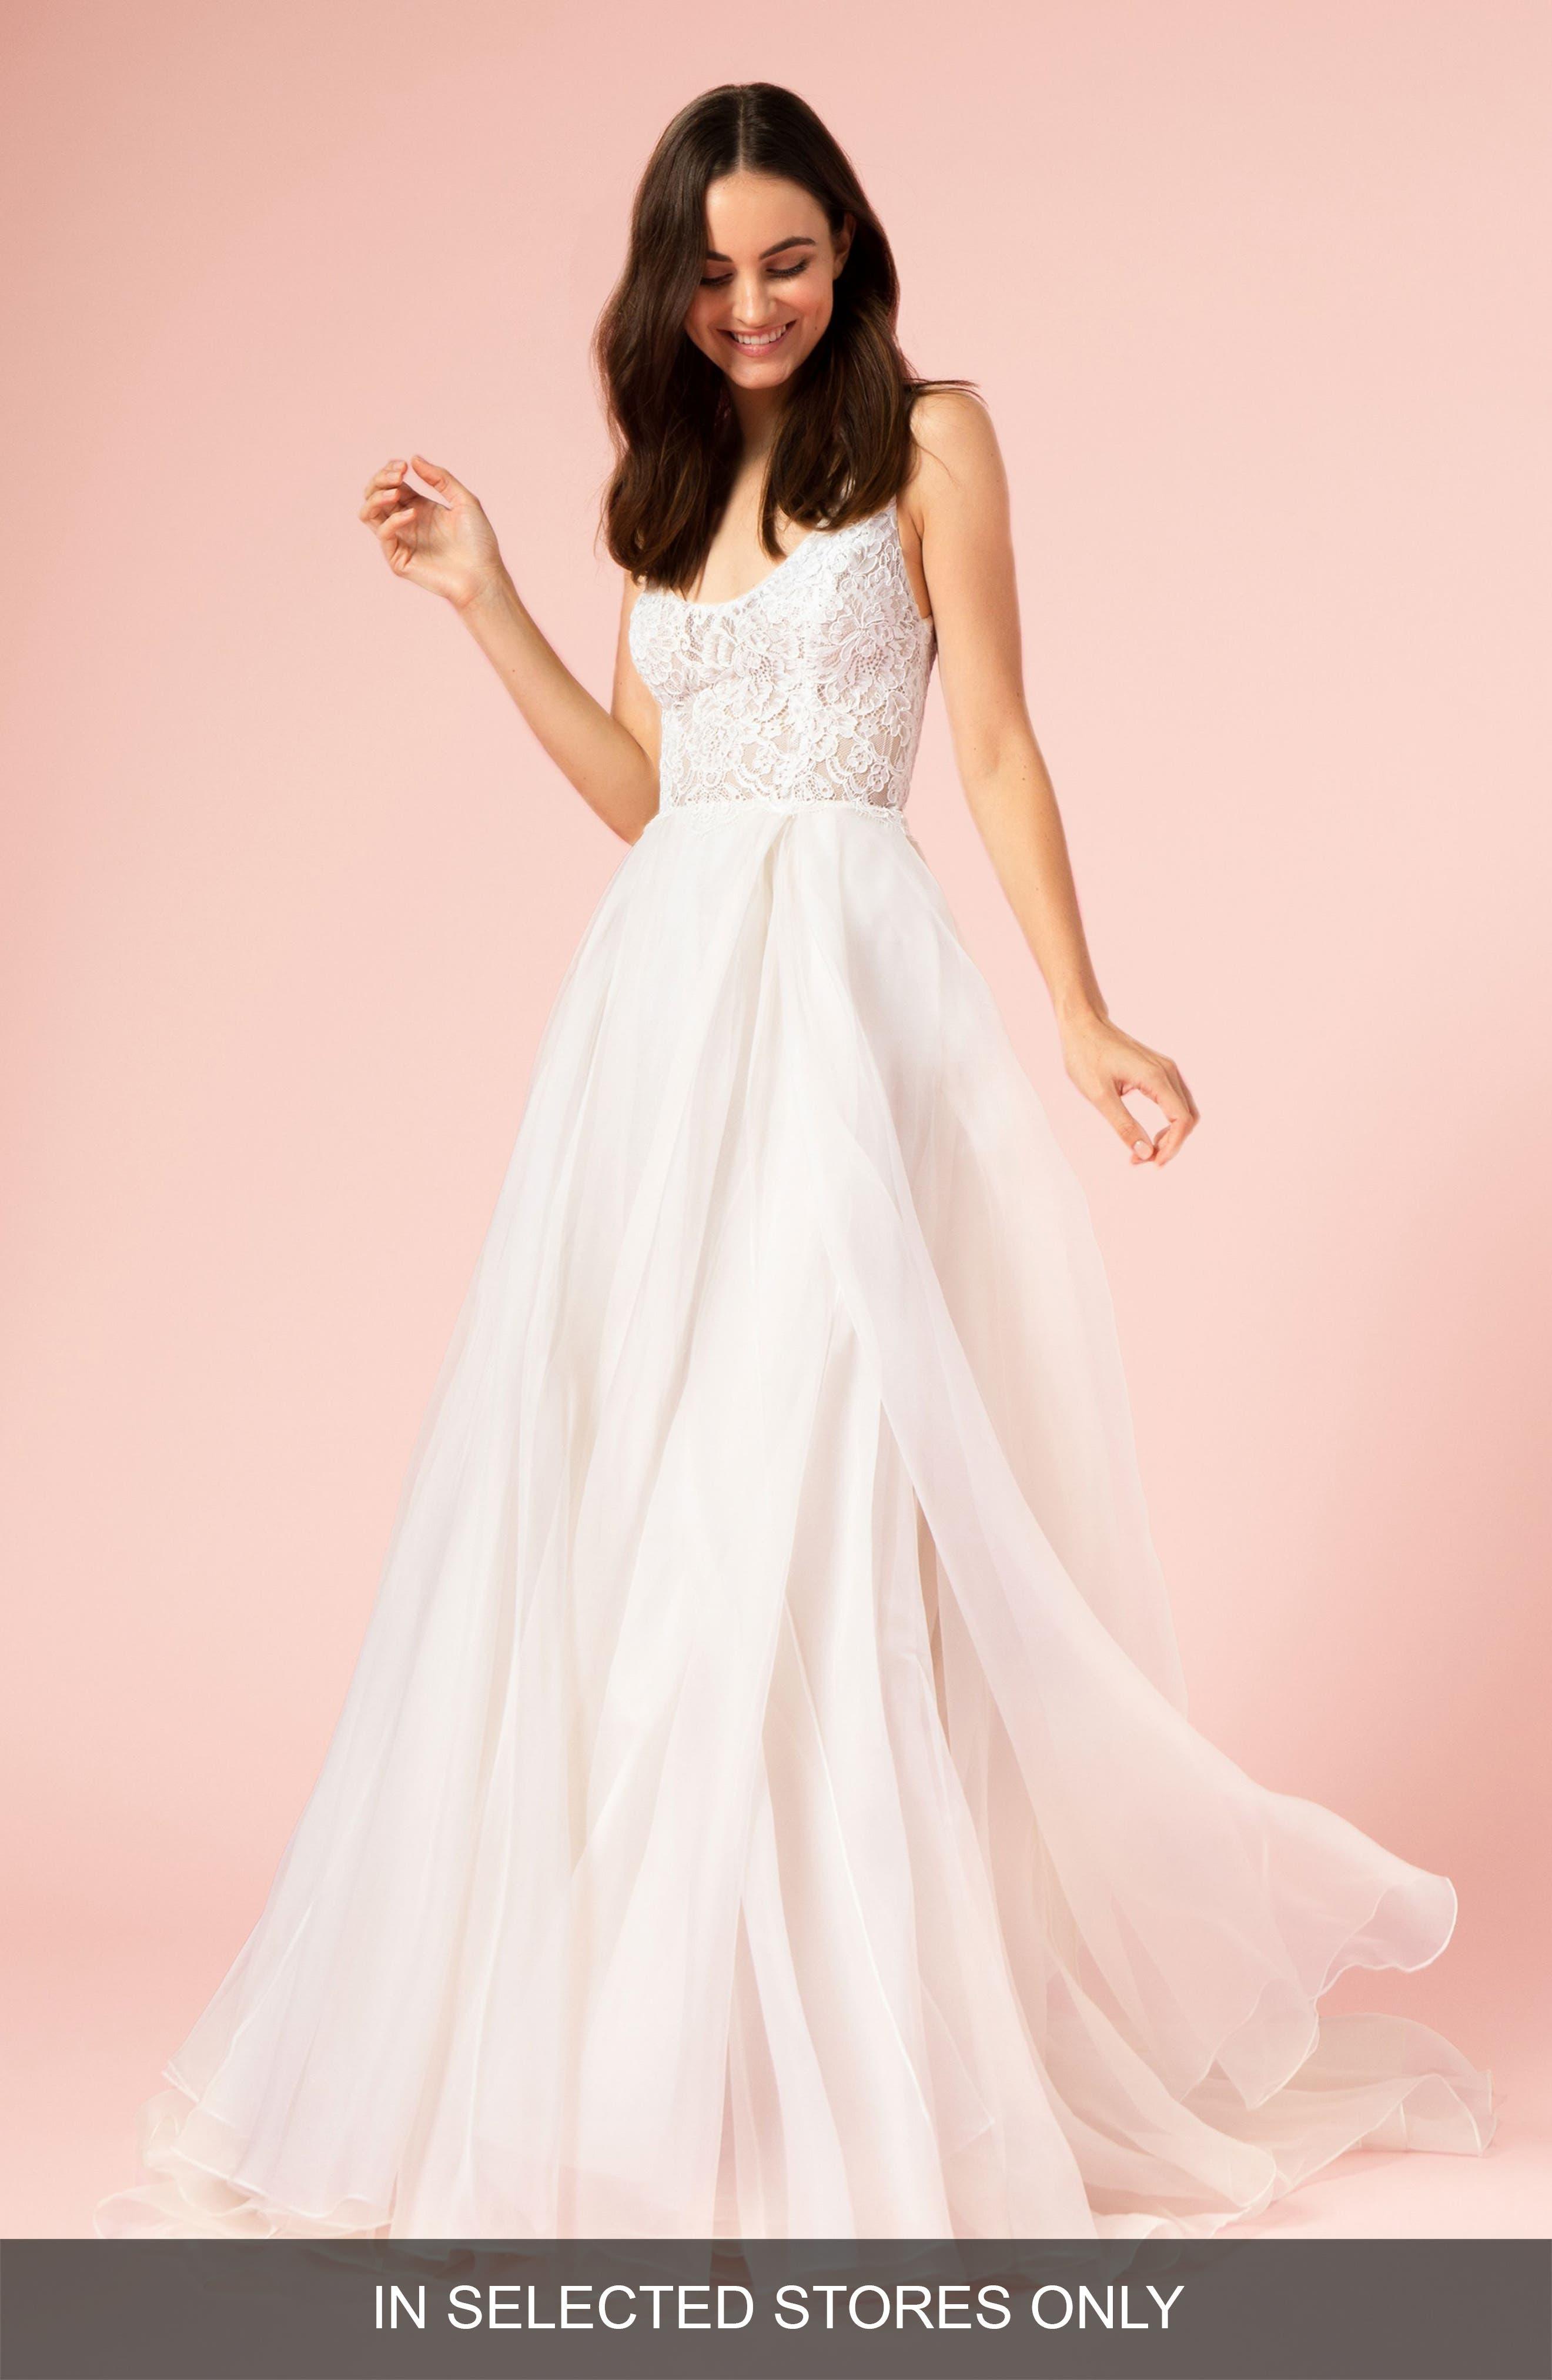 Main Image - BLISS Monique Lhuillier Lace Bodice Gown